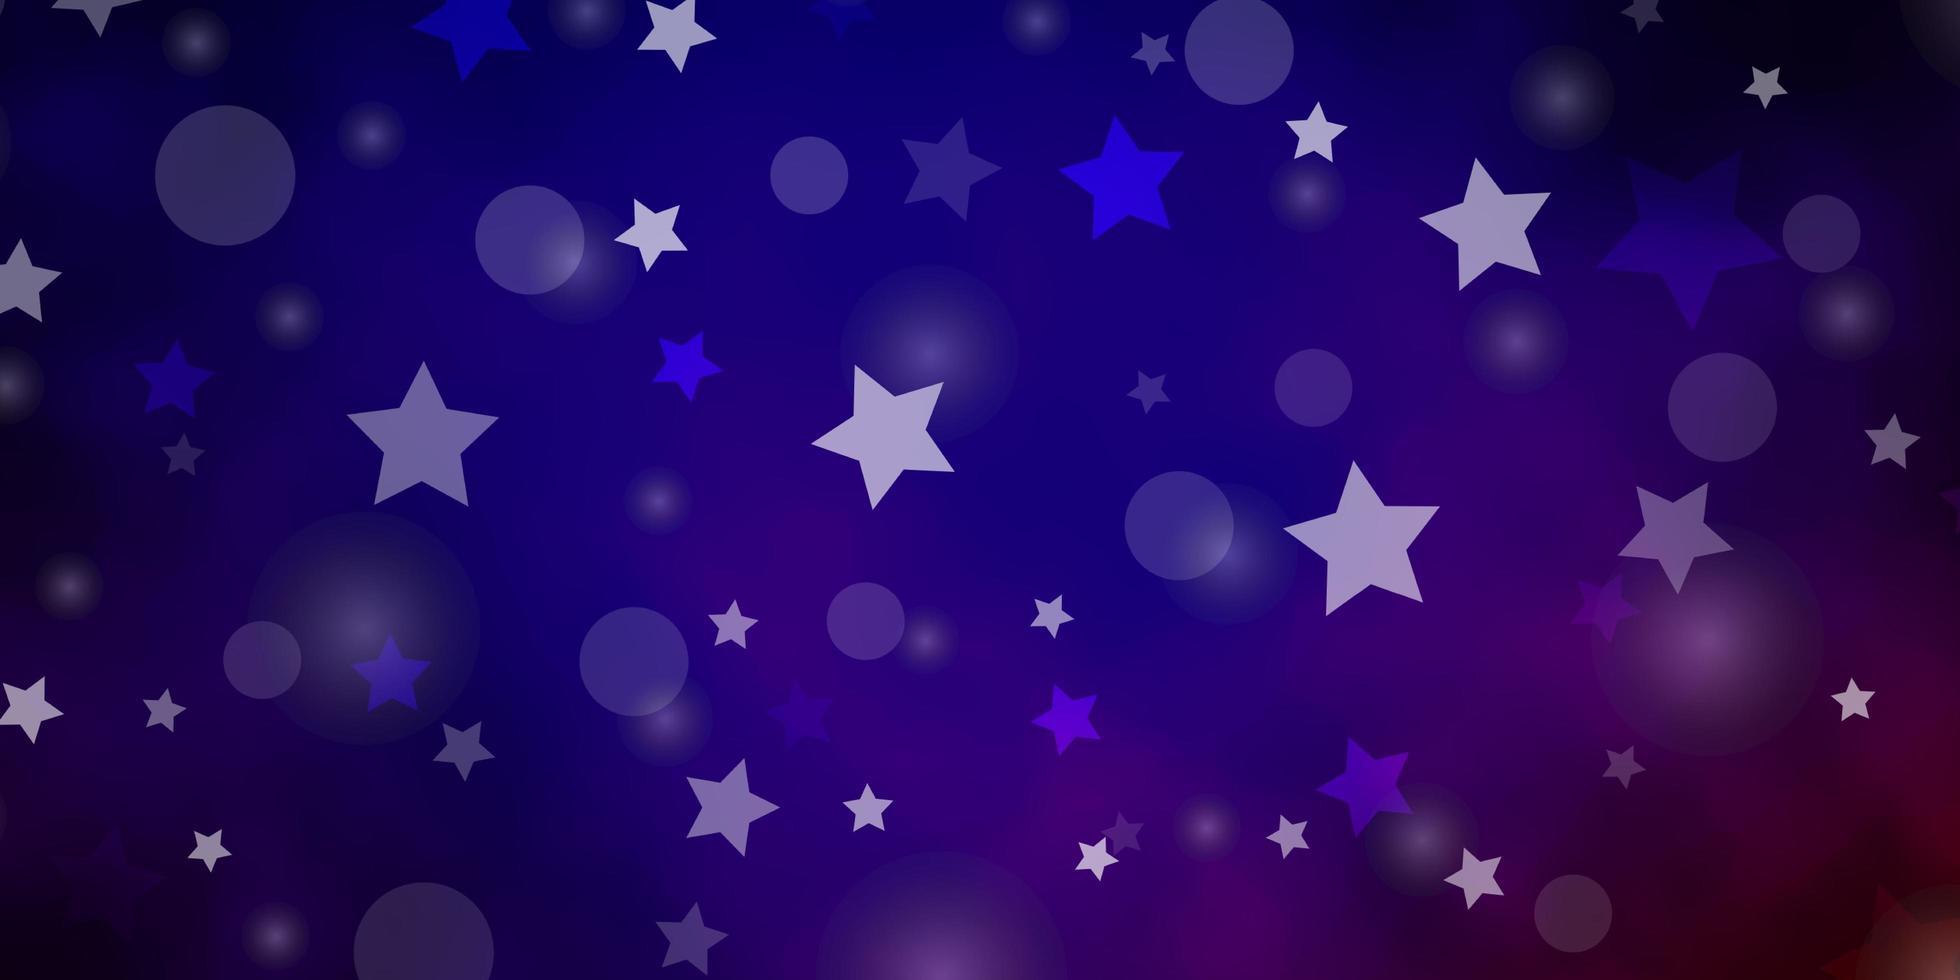 donkerblauwe, rode vectorachtergrond met cirkels, sterren. vector